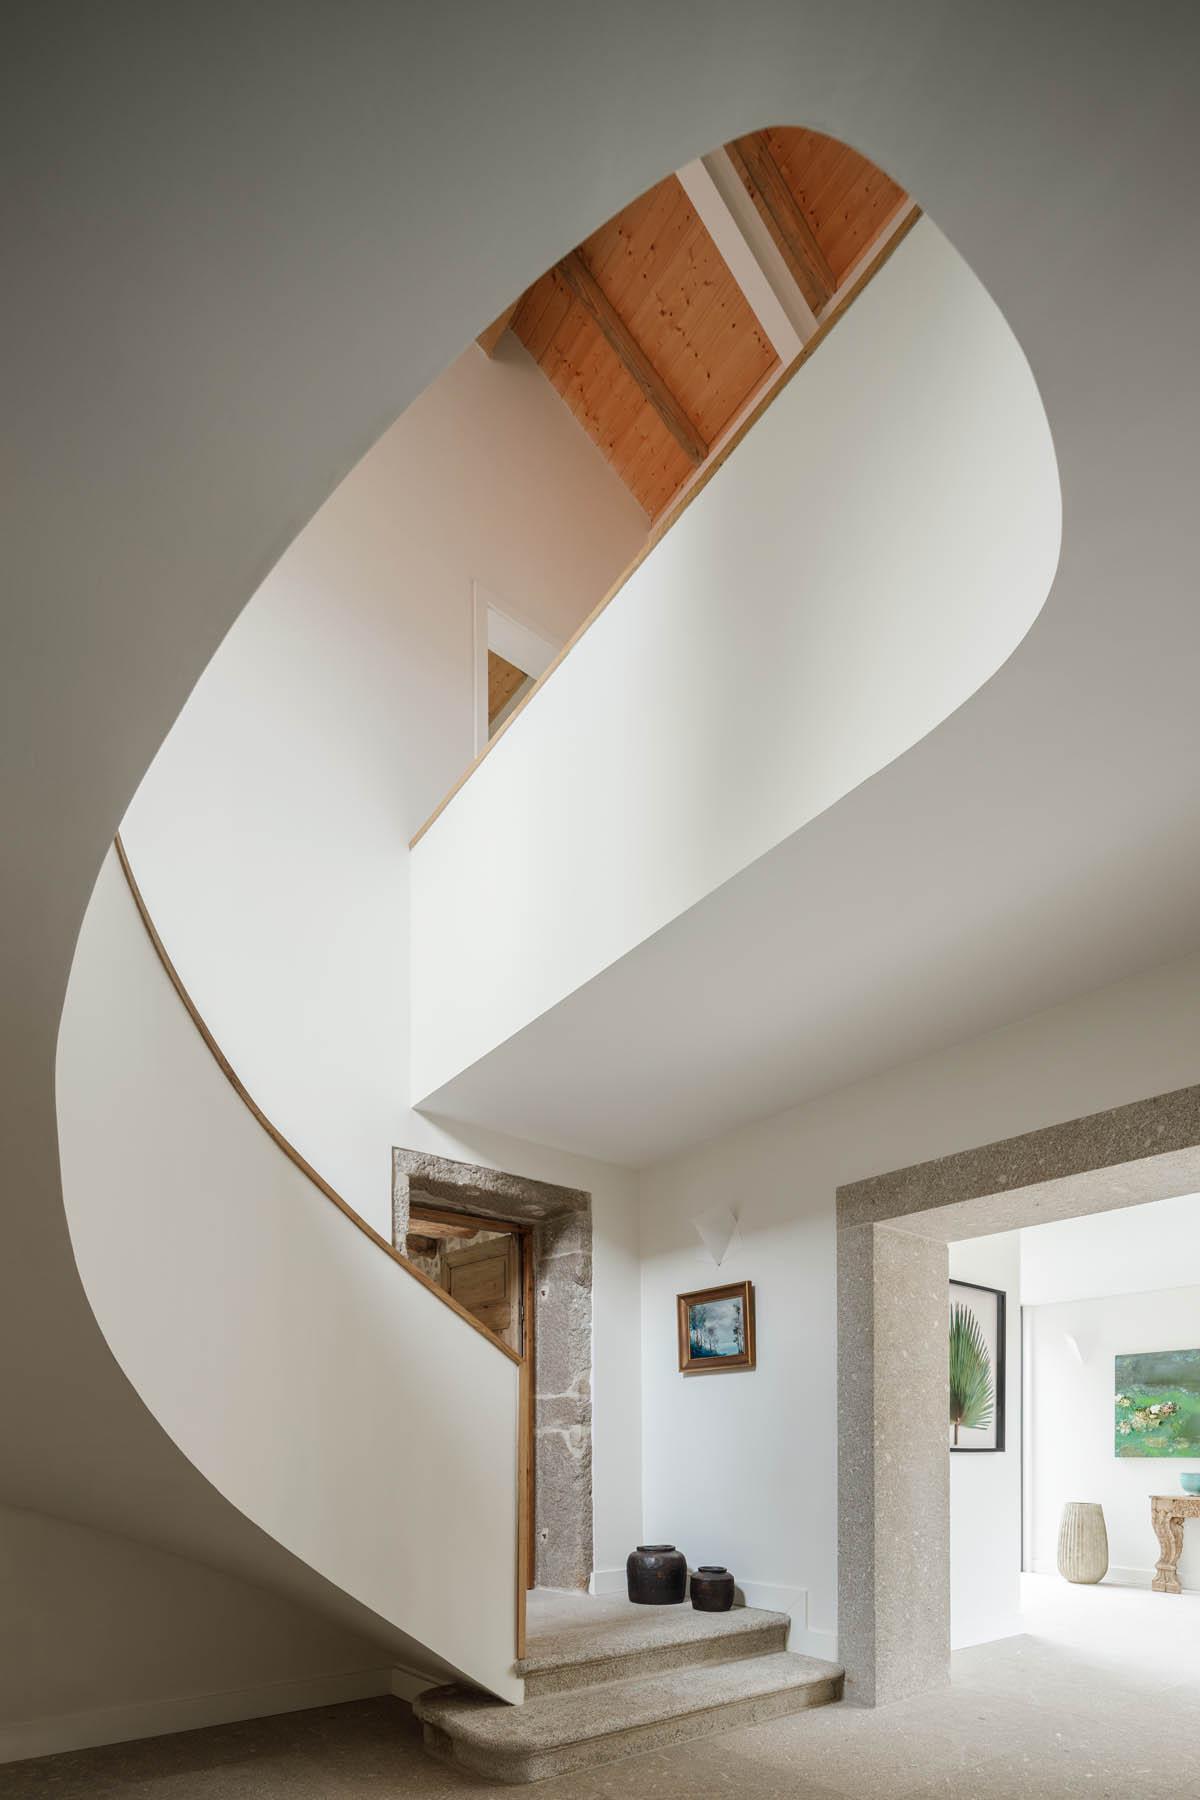 Casa da Calçada no Porto do arquitecto Ren Ito com fotografias